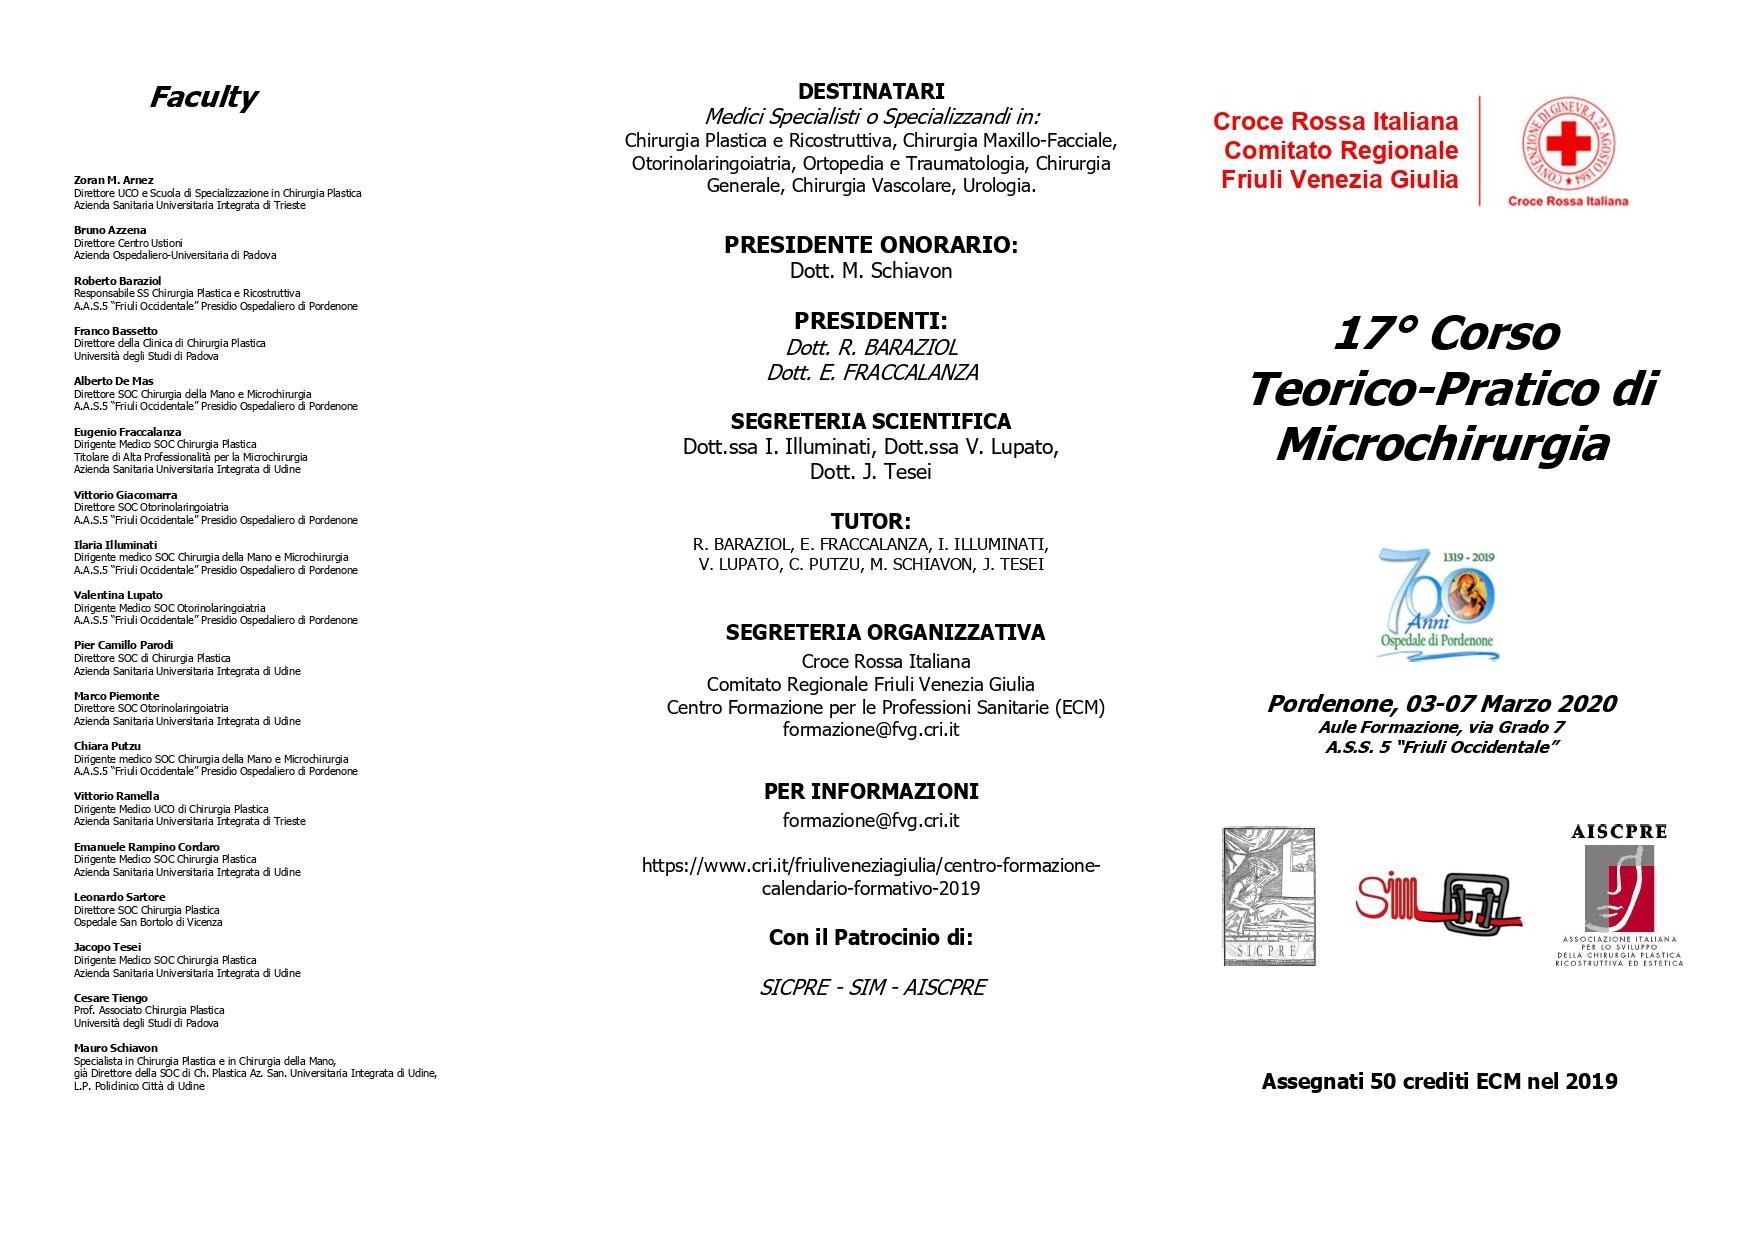 17° Corso Teorico-Pratico di Microchirurgia_page-0001